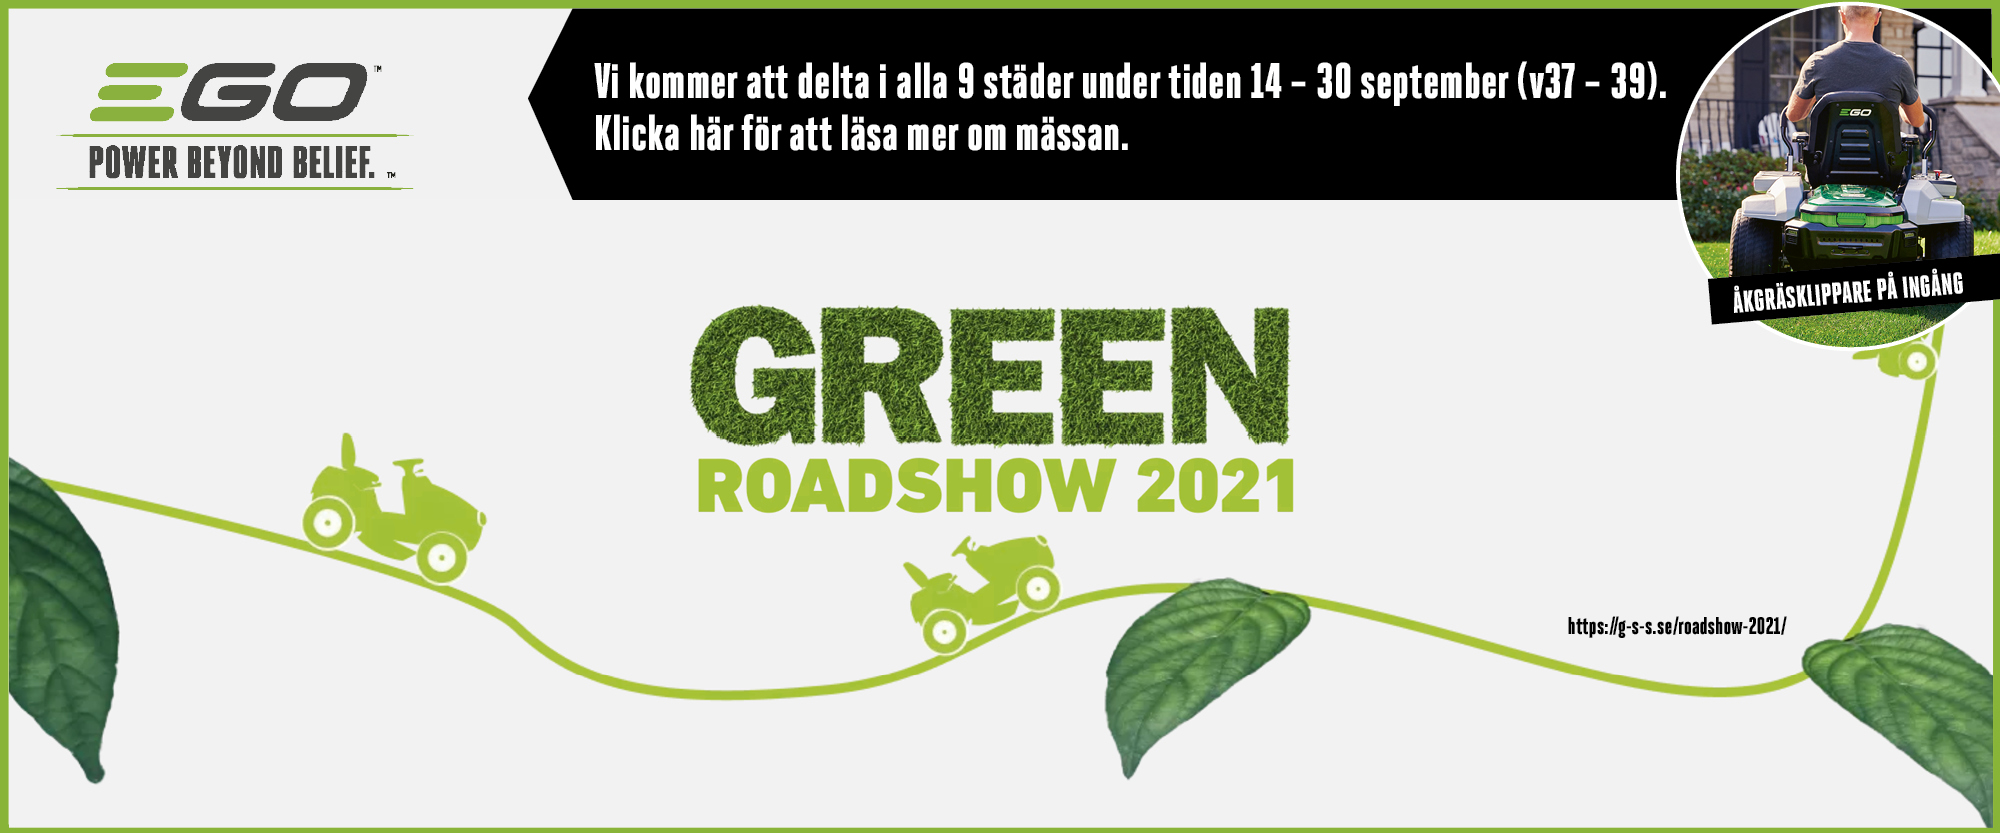 Roadshow 2021